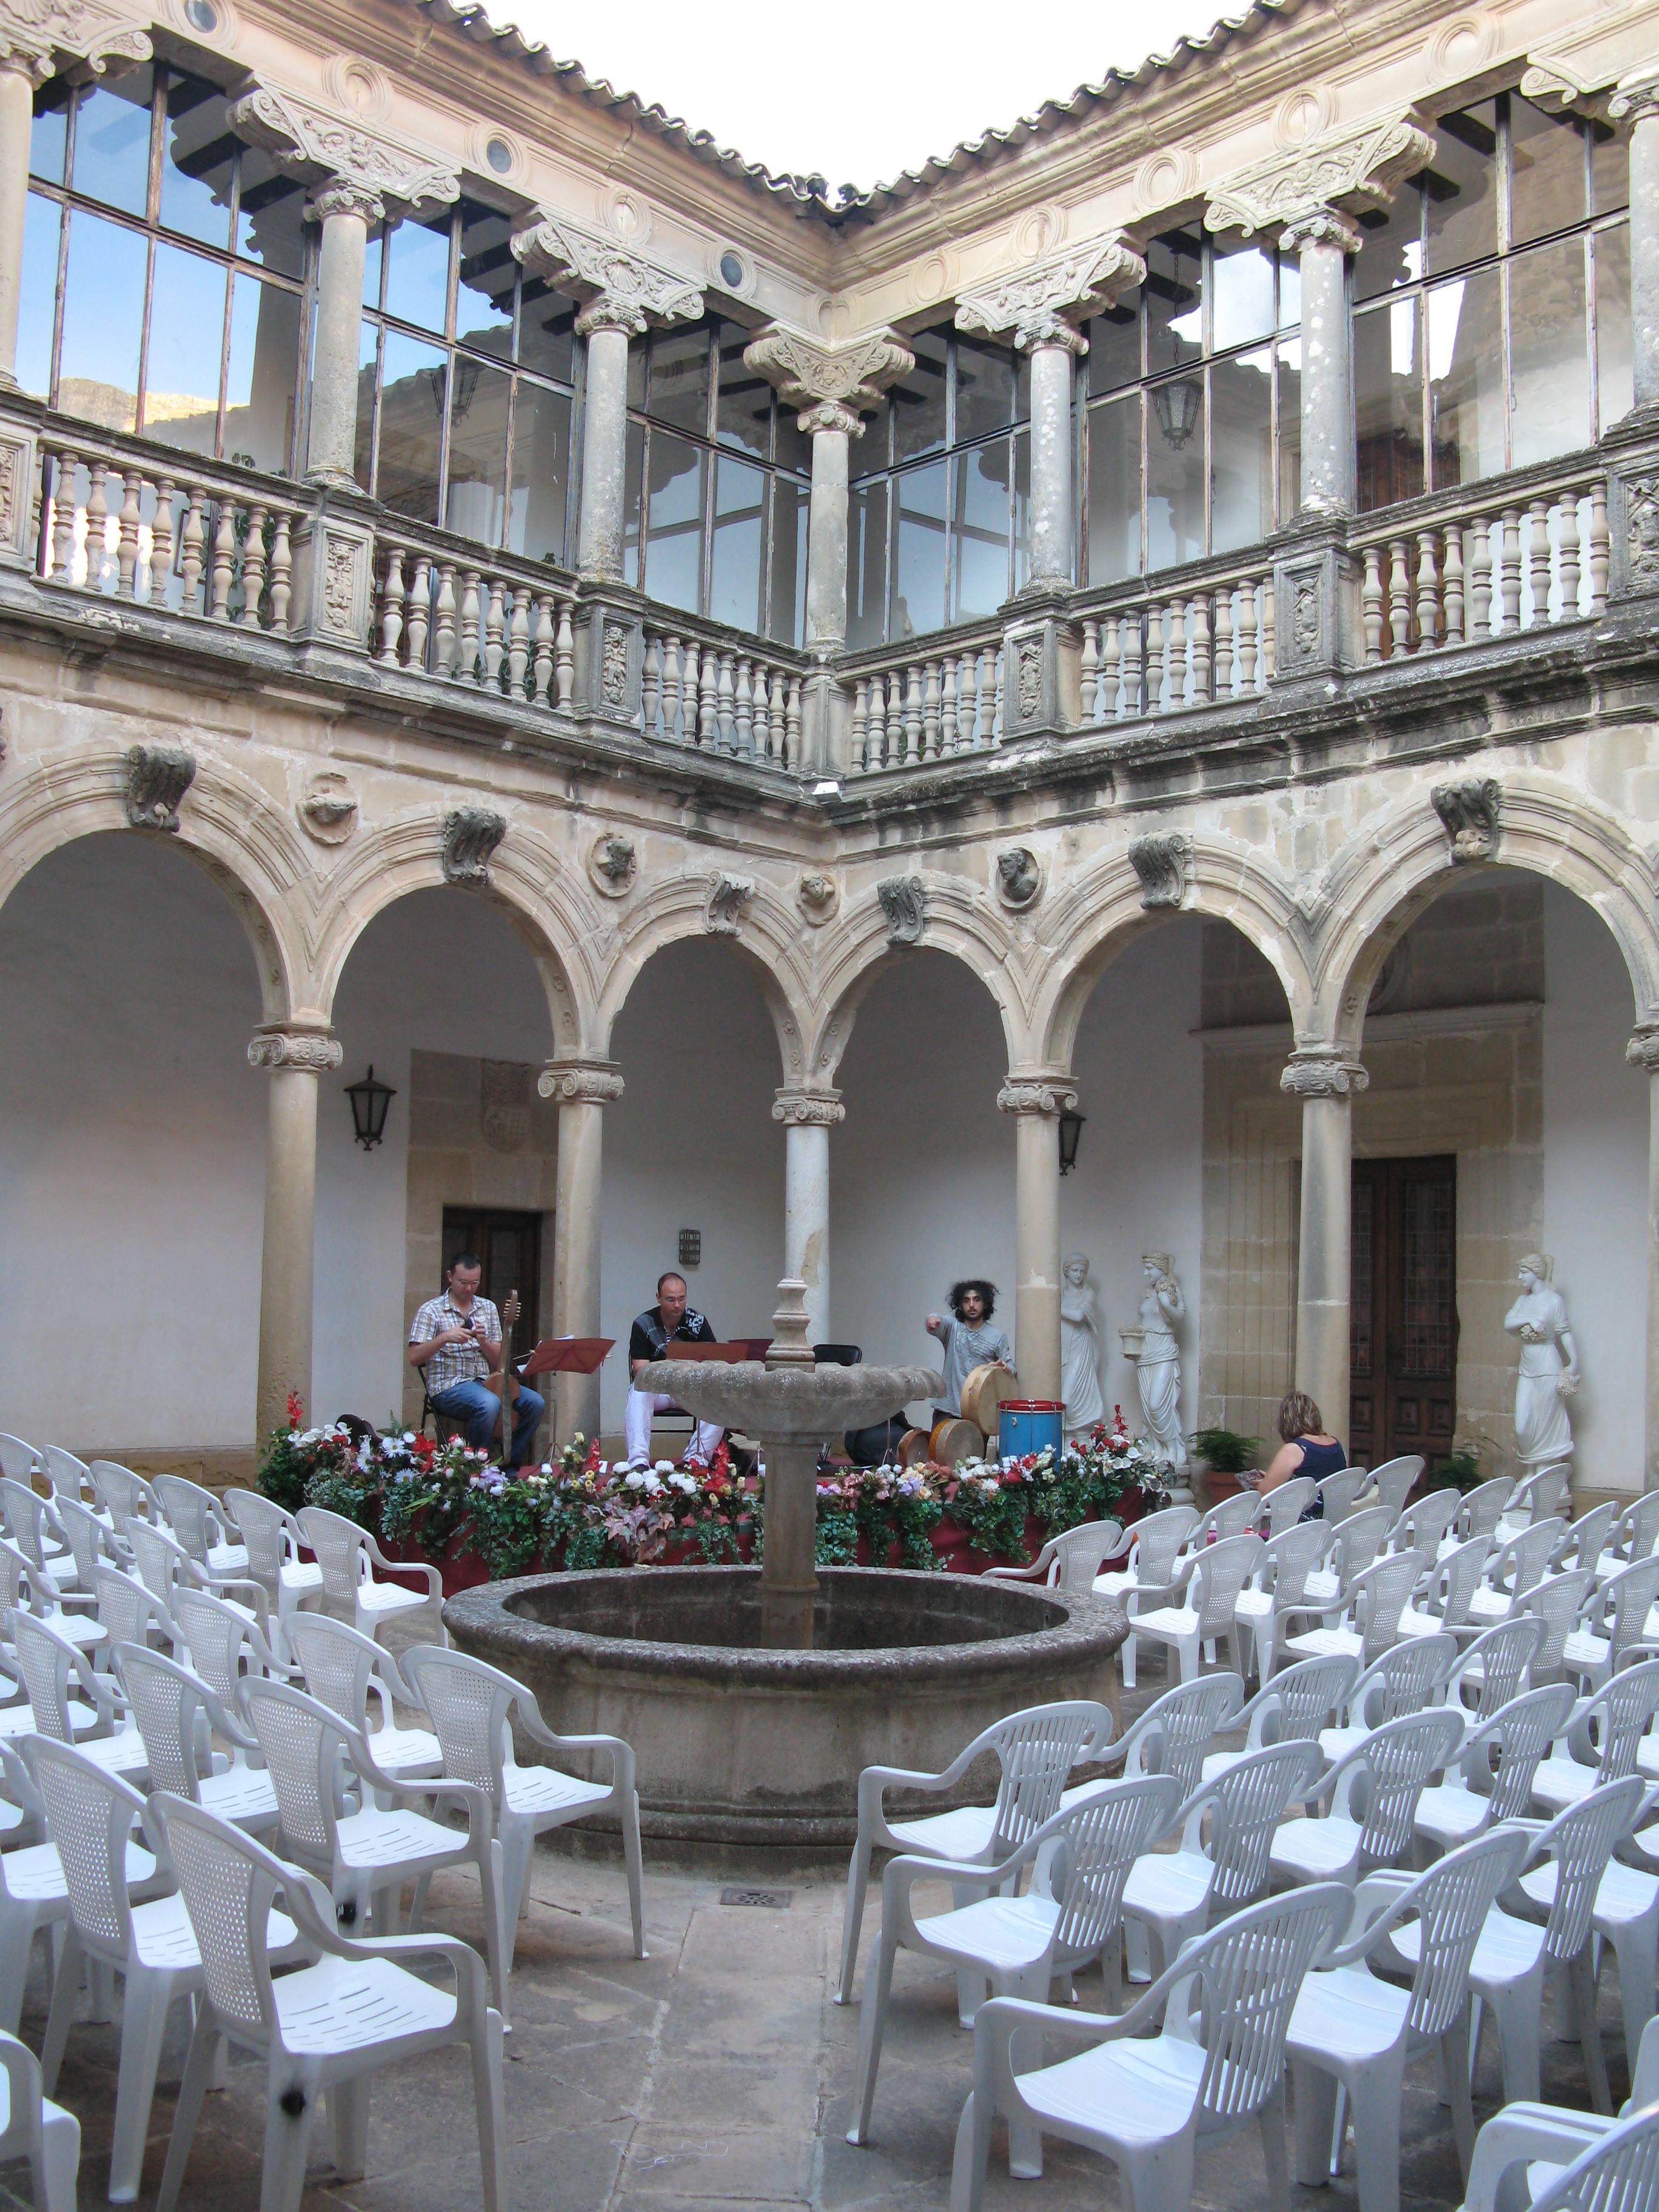 Prueba de sonido. Palacio de Canena, Jaén.